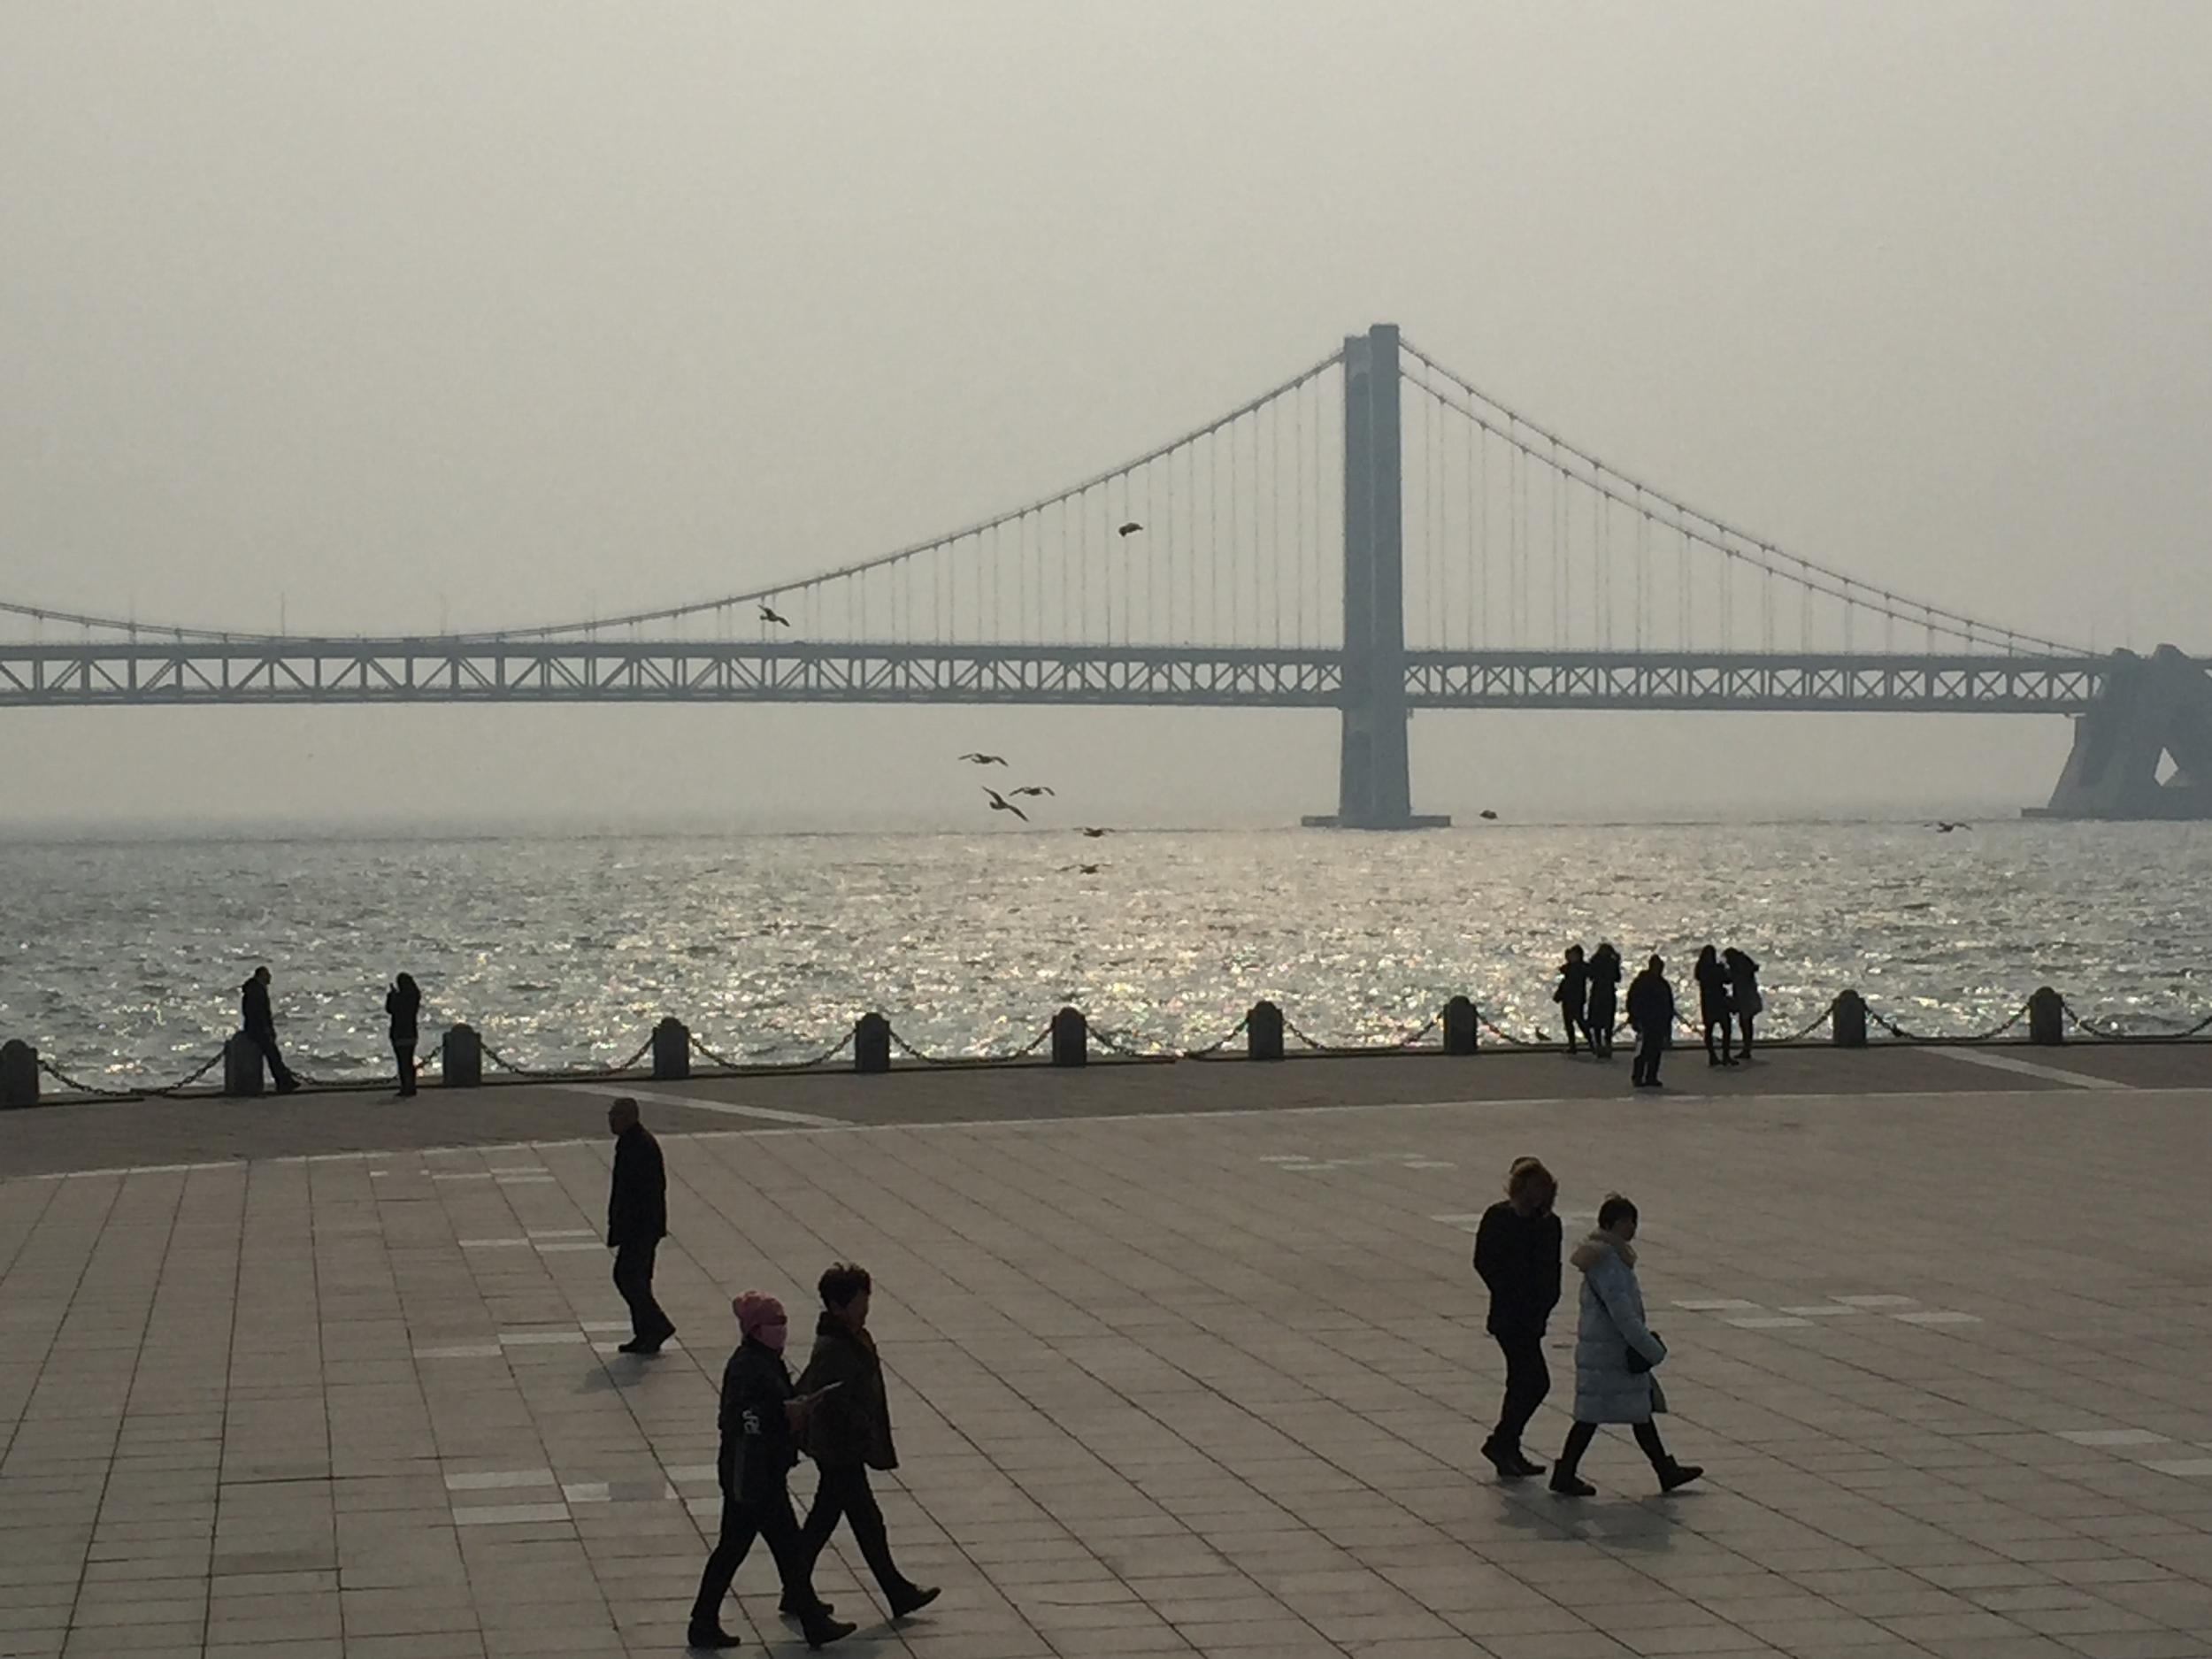 New bridge.